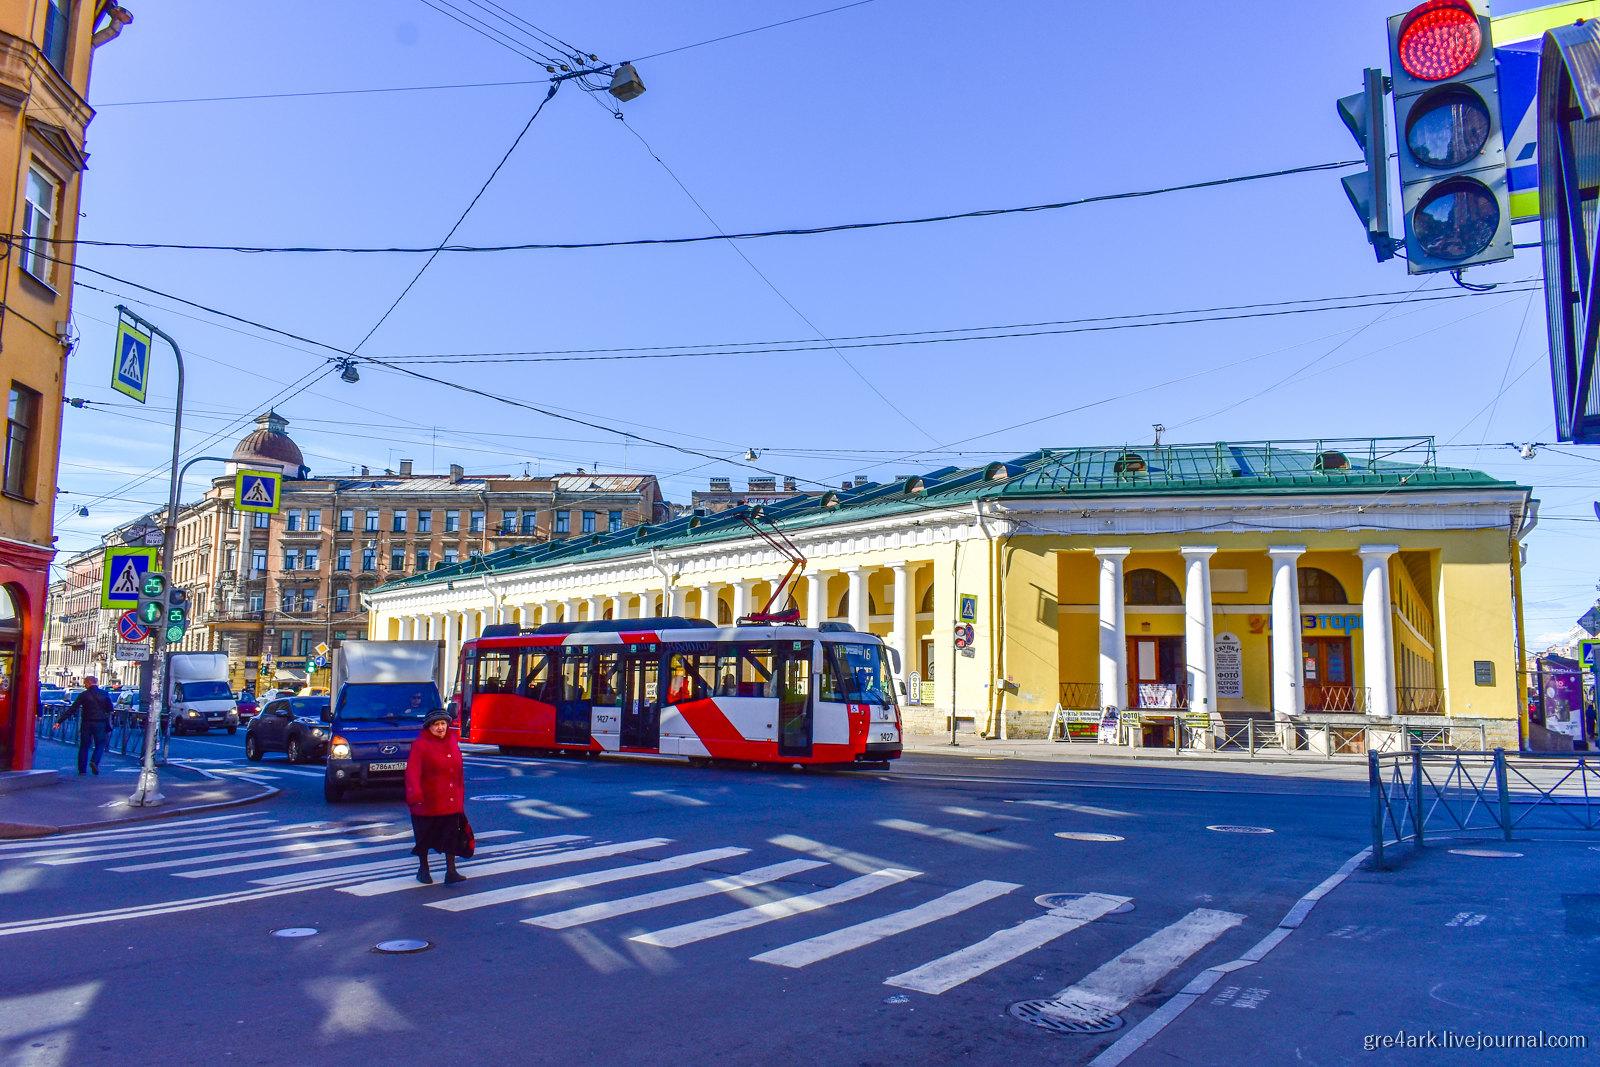 Петербург: плохие улицы, лошадиная сила и вода пешеходный переход